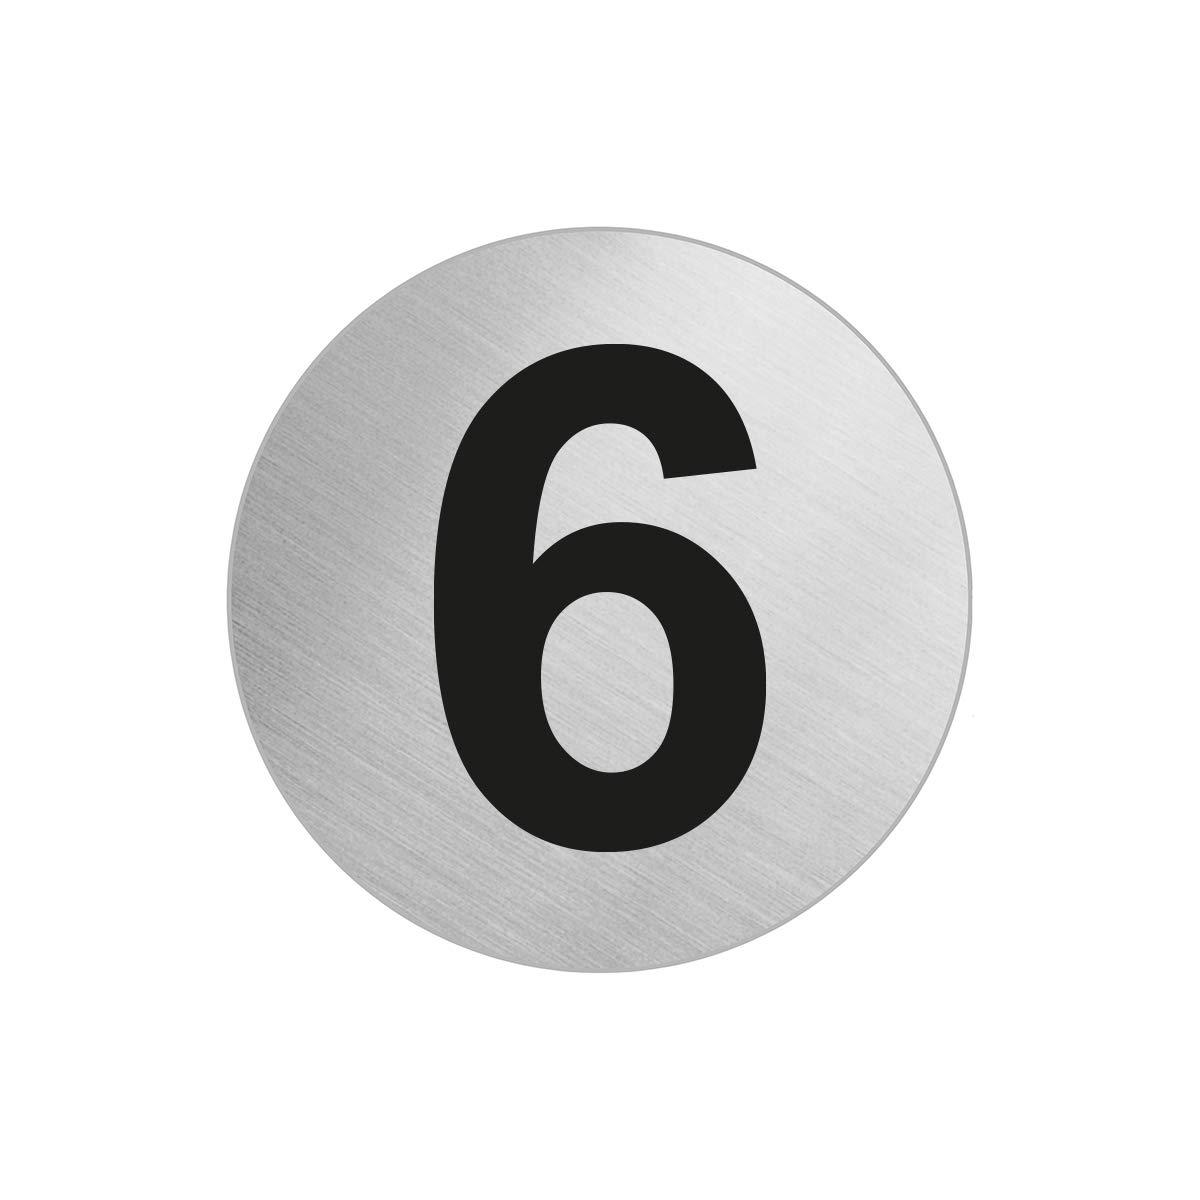 OFFORM Stainless Steel Door Number '6 / Six' Ø 60 mm 7294-6